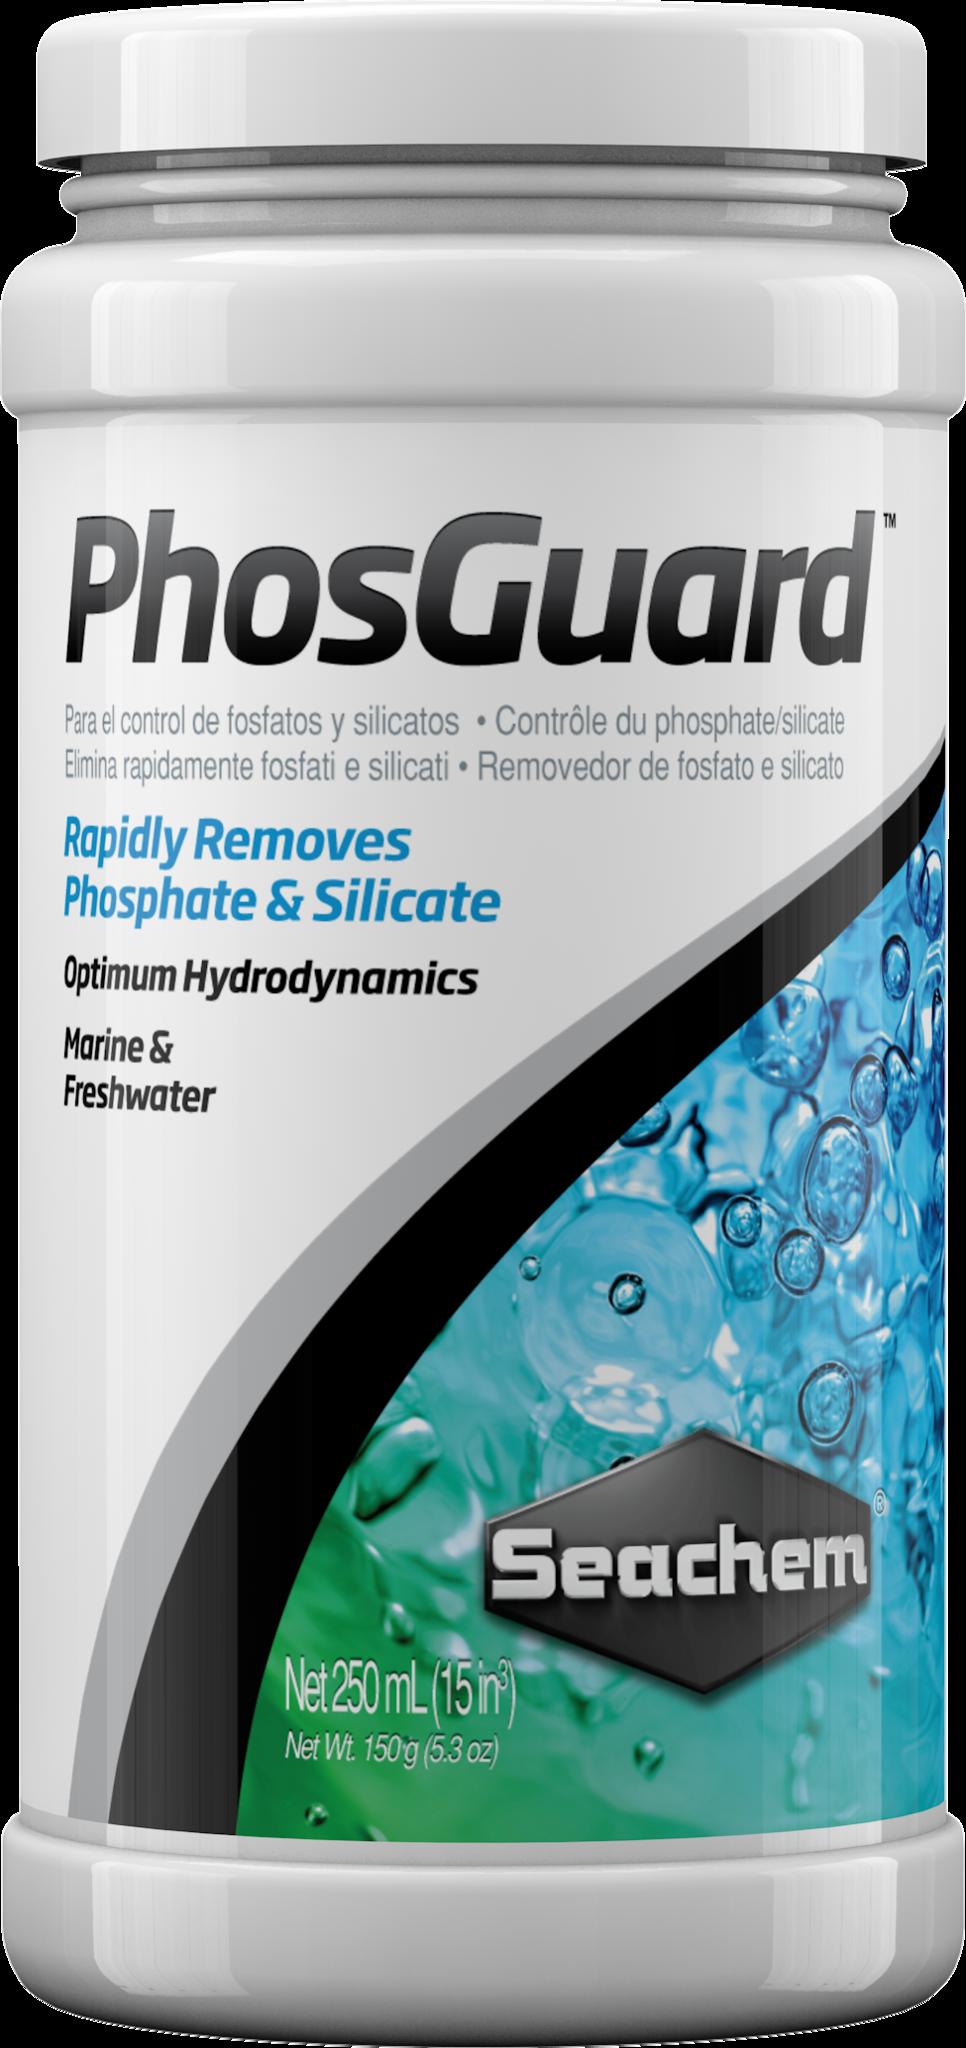 Seachem Phosphorus 250 ml